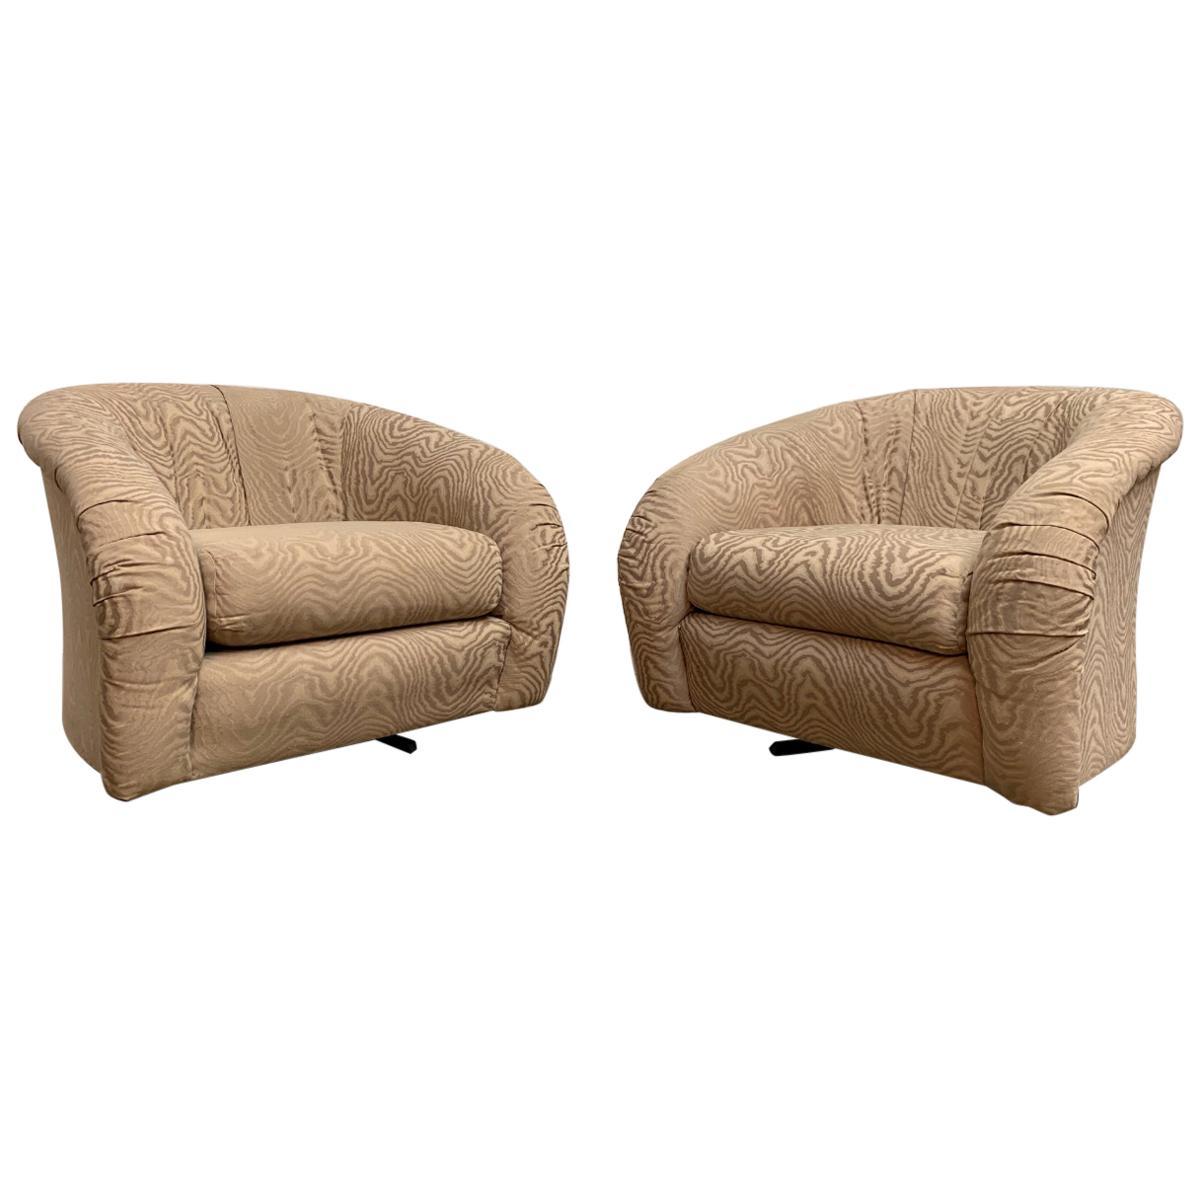 1980s Swivel Lounge Chairs